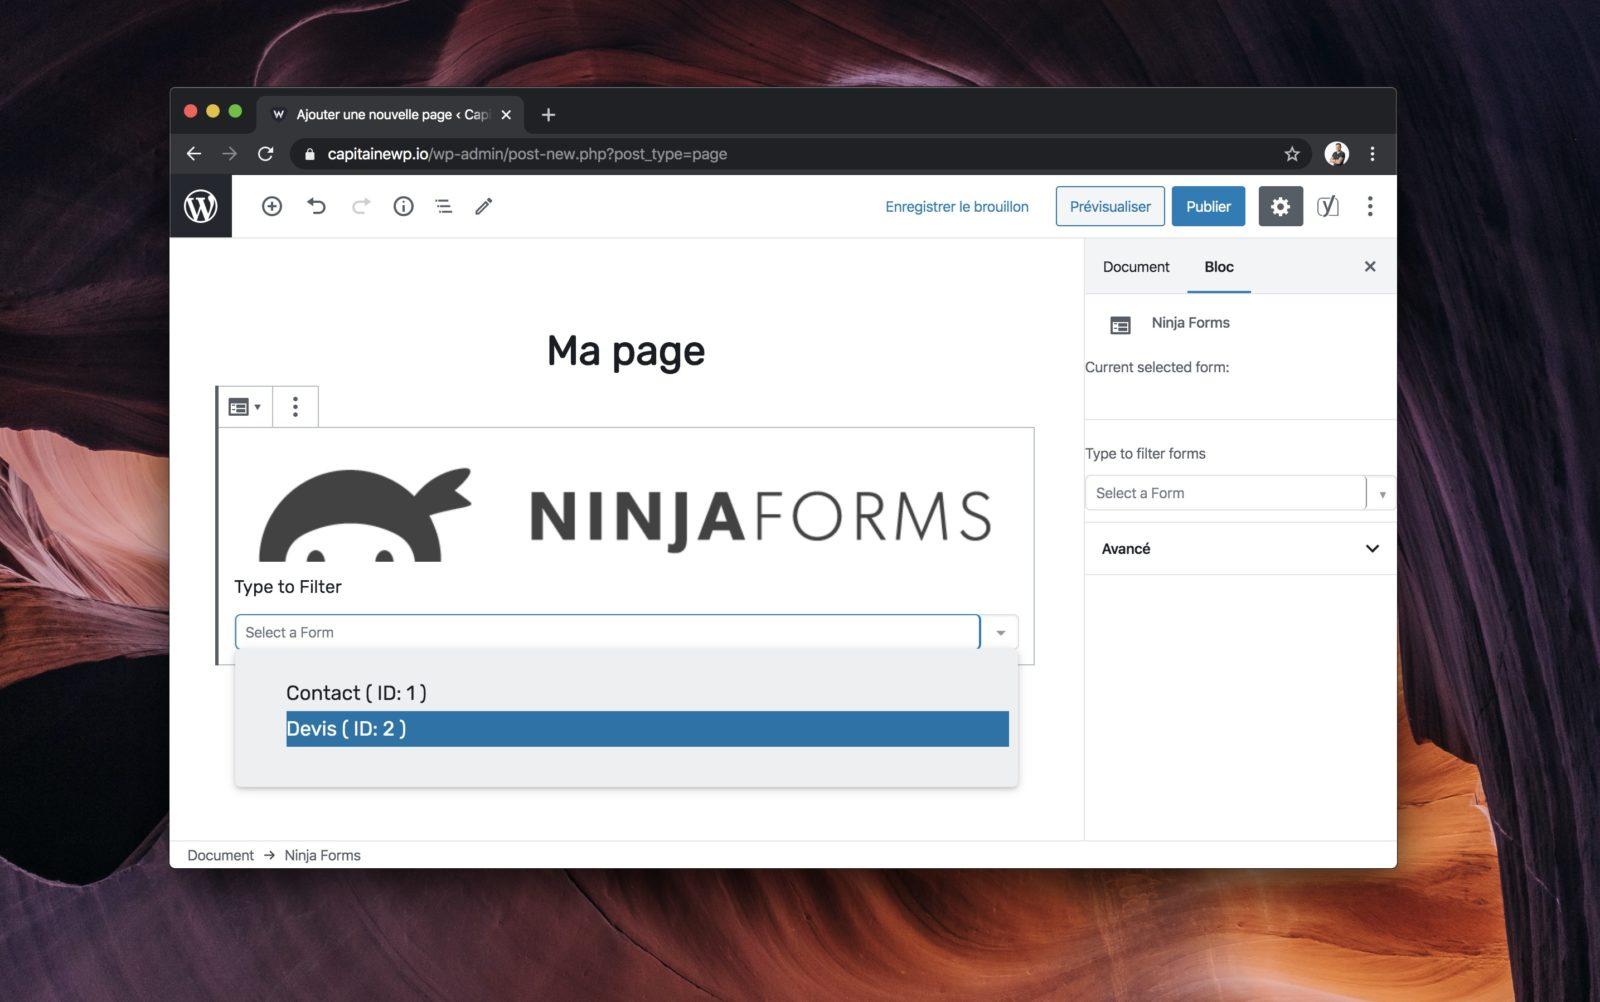 Capture d'écran de l'éditeur visuel de WordPress, montrant le bloc Ninja Forms